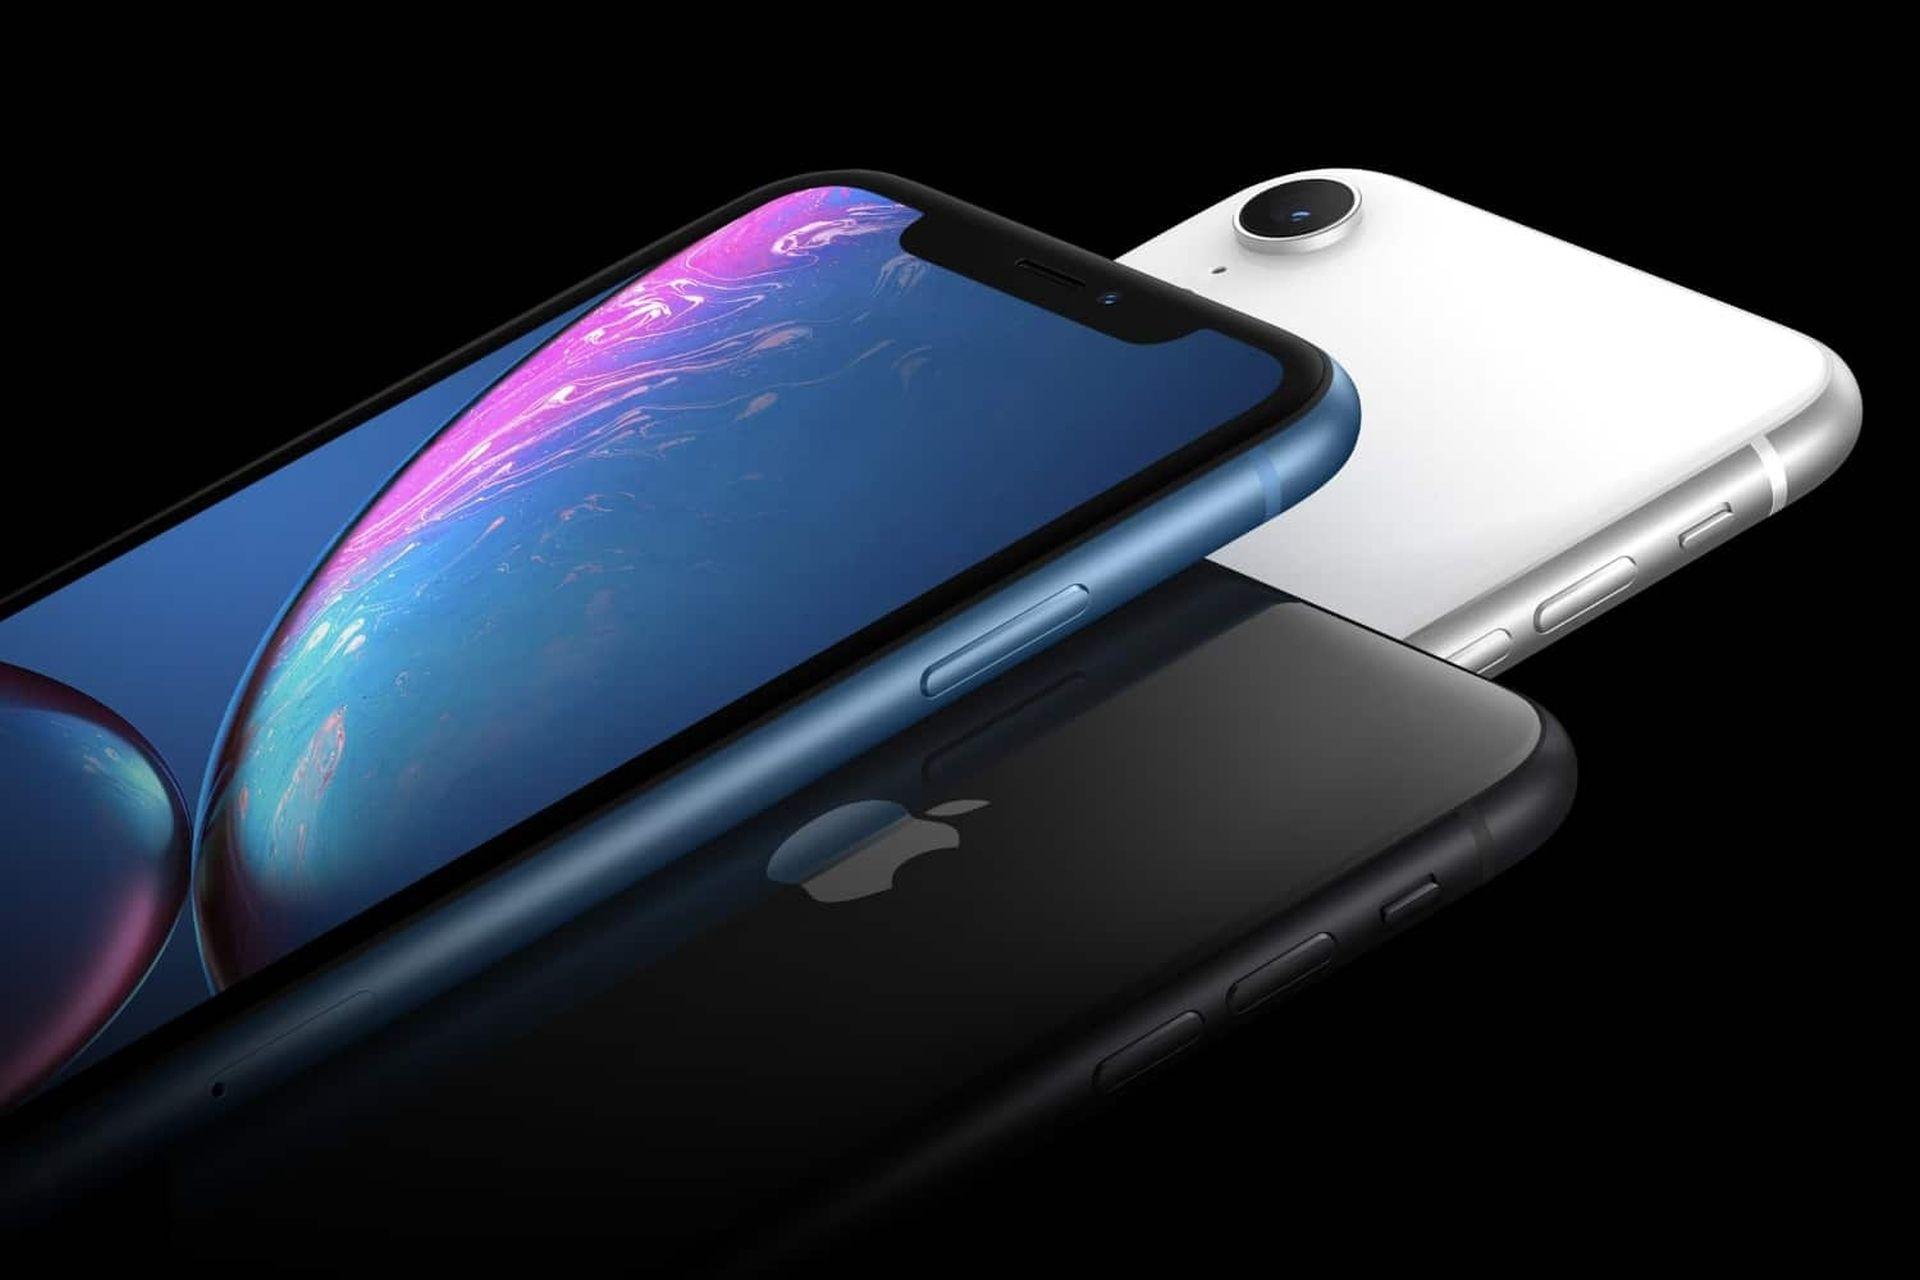 Przyszłoroczne iPhone'y z większą pojemnością baterii